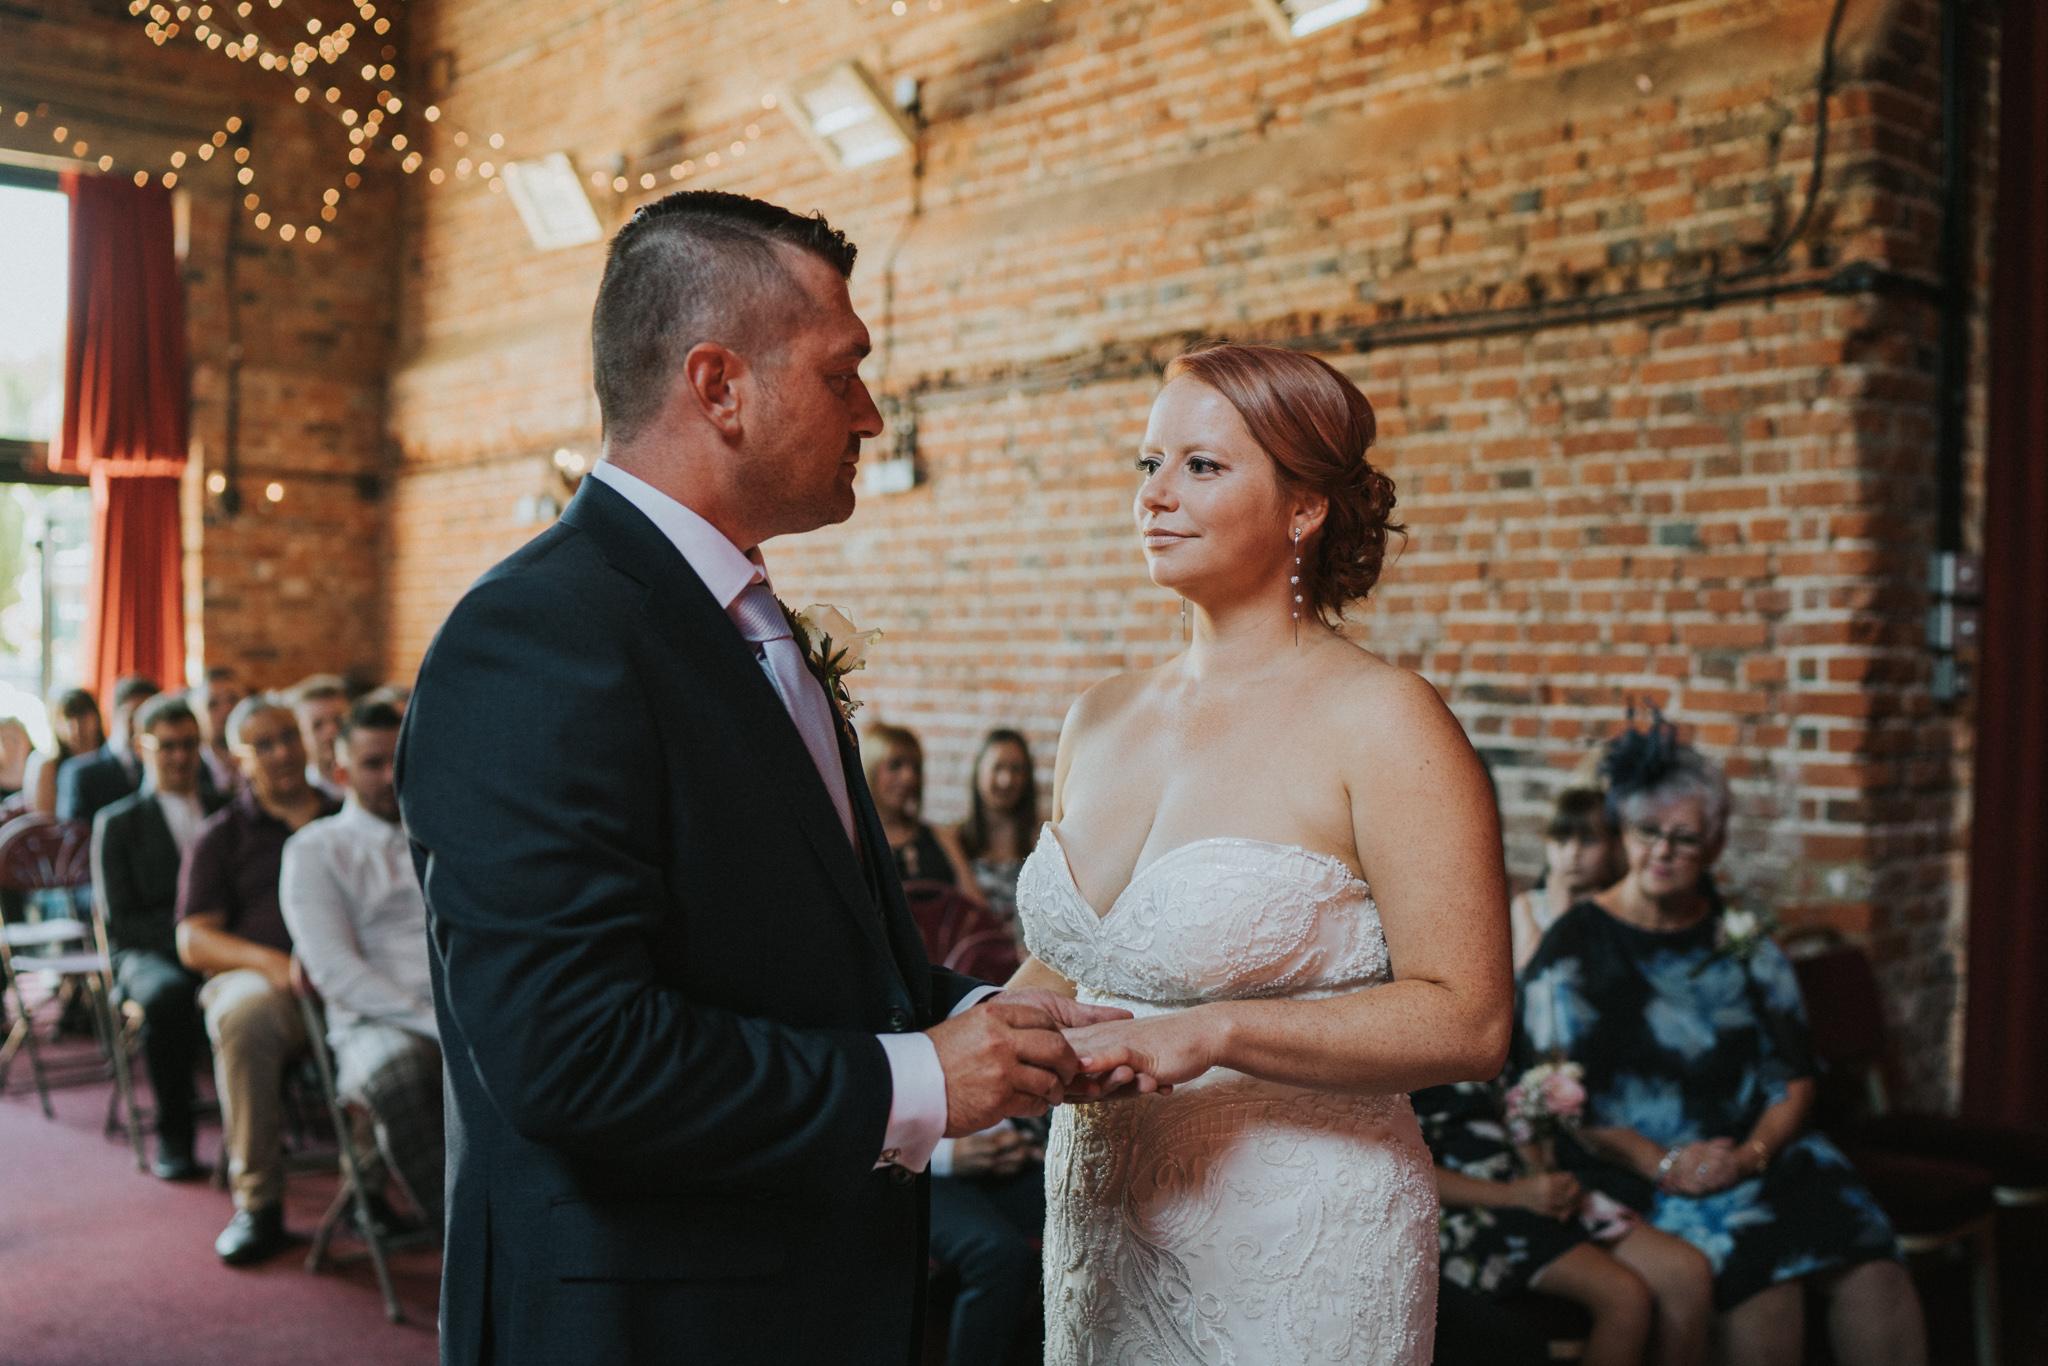 steph-neil-red-brick-barn-rochford-wedding-grace-elizabeth-colchester-essex-alternative-wedding-photographer-essex-suffolk-norfolk-devon (15 of 43).jpg